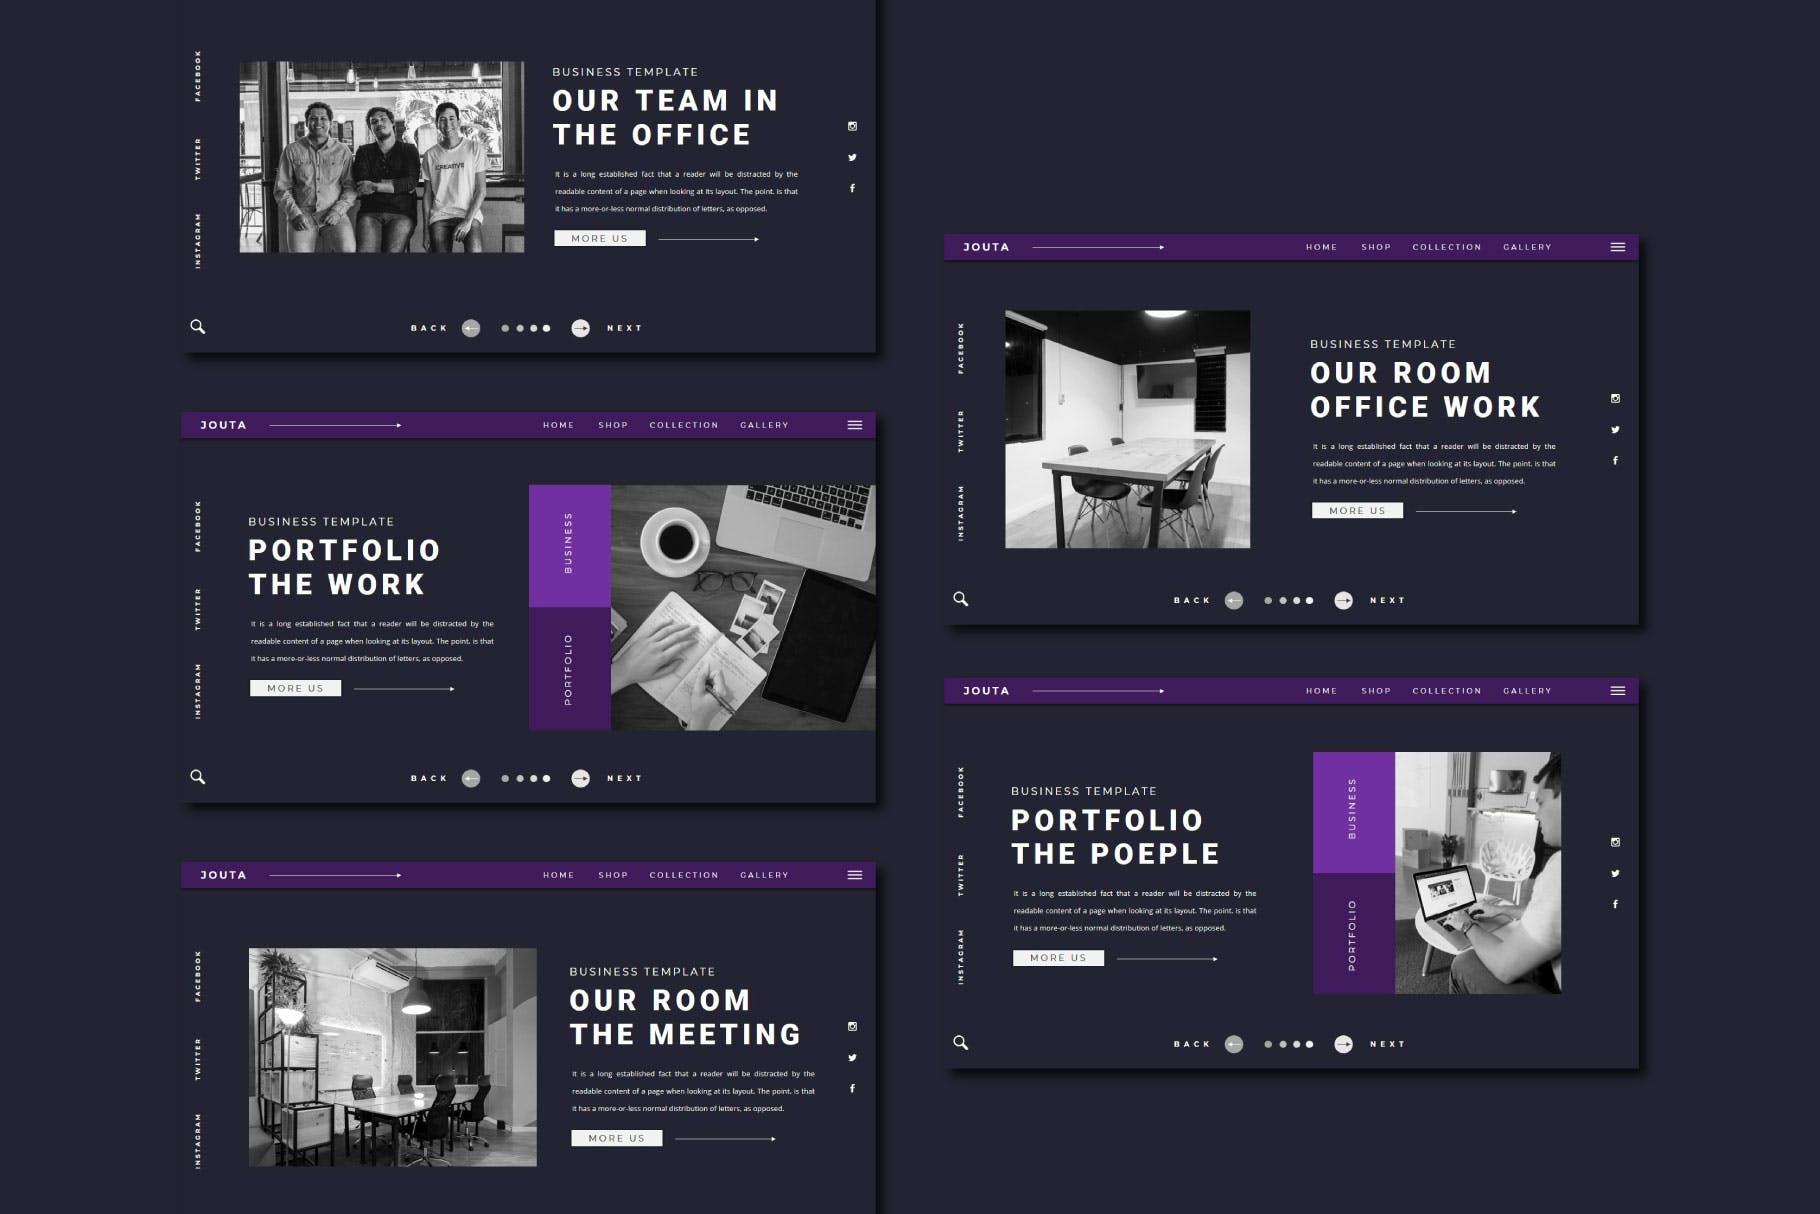 酷黑企业策划宣传演示文稿PPT设计模板 JOUTA Powerpoint Template插图5